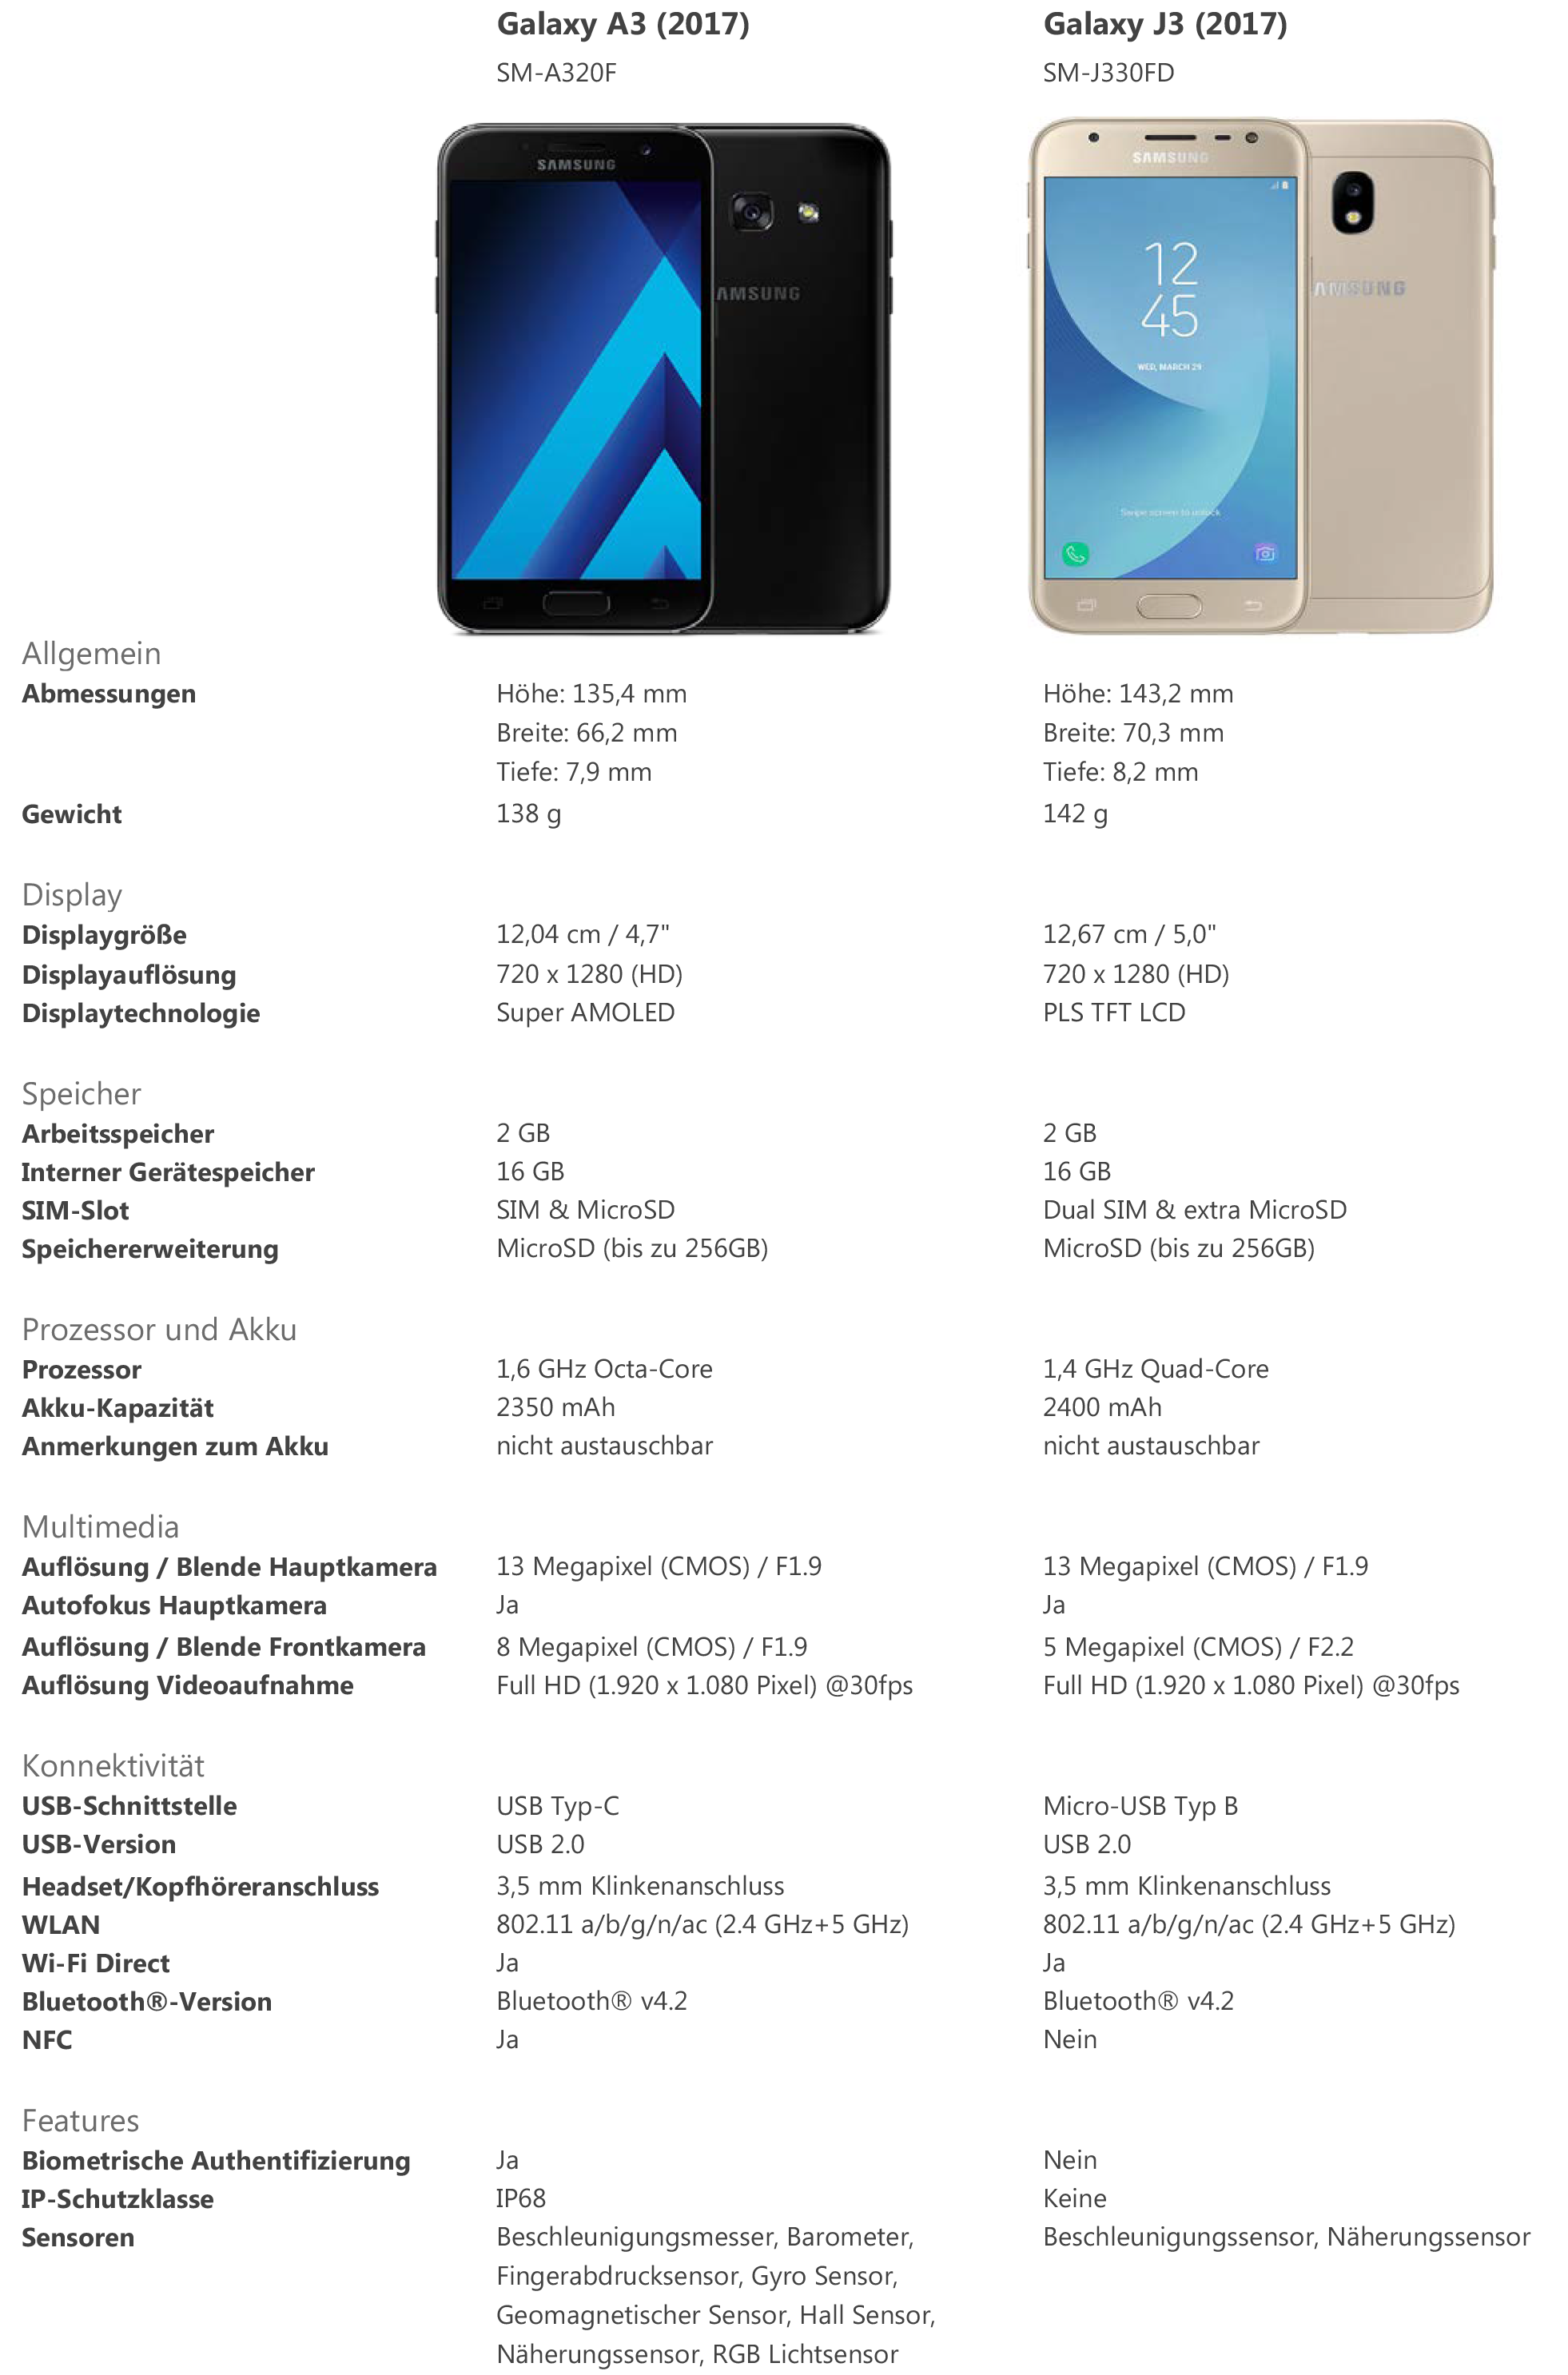 Was ist der Unterschied zwischen den Modellen Samsung Galaxy A3 und J3 (2017)?